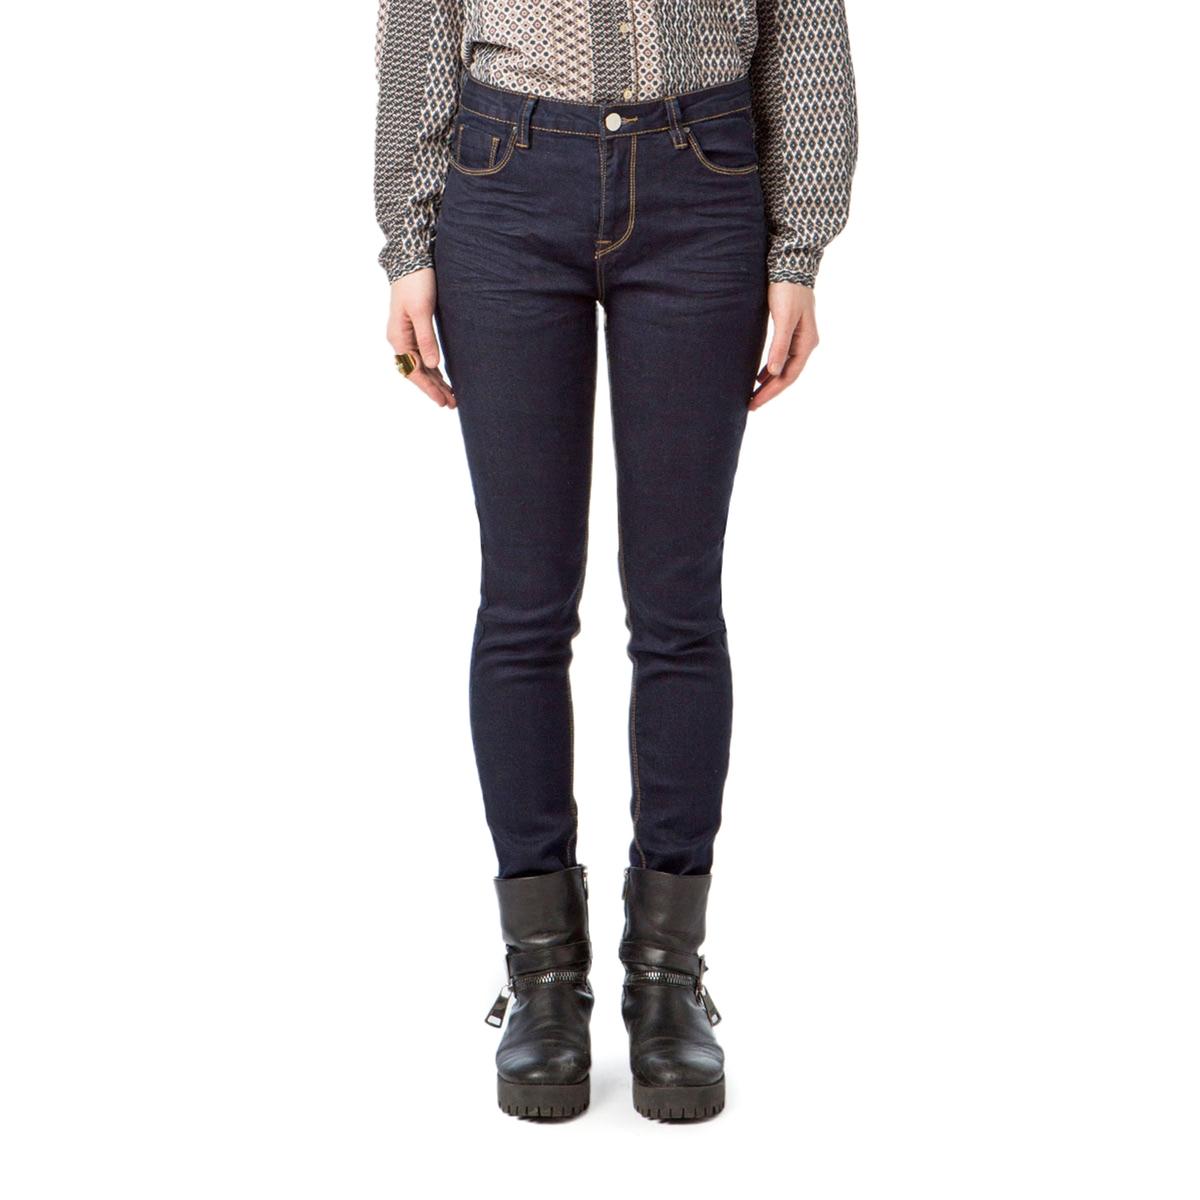 Узкие джинсыДетали •  Узкие •  Стандартная талия Состав и уход •  73% хлопка, 2% эластана, 25% полиэстера •  Следуйте советам по уходу, указанным на этикетке<br><br>Цвет: темно-синий